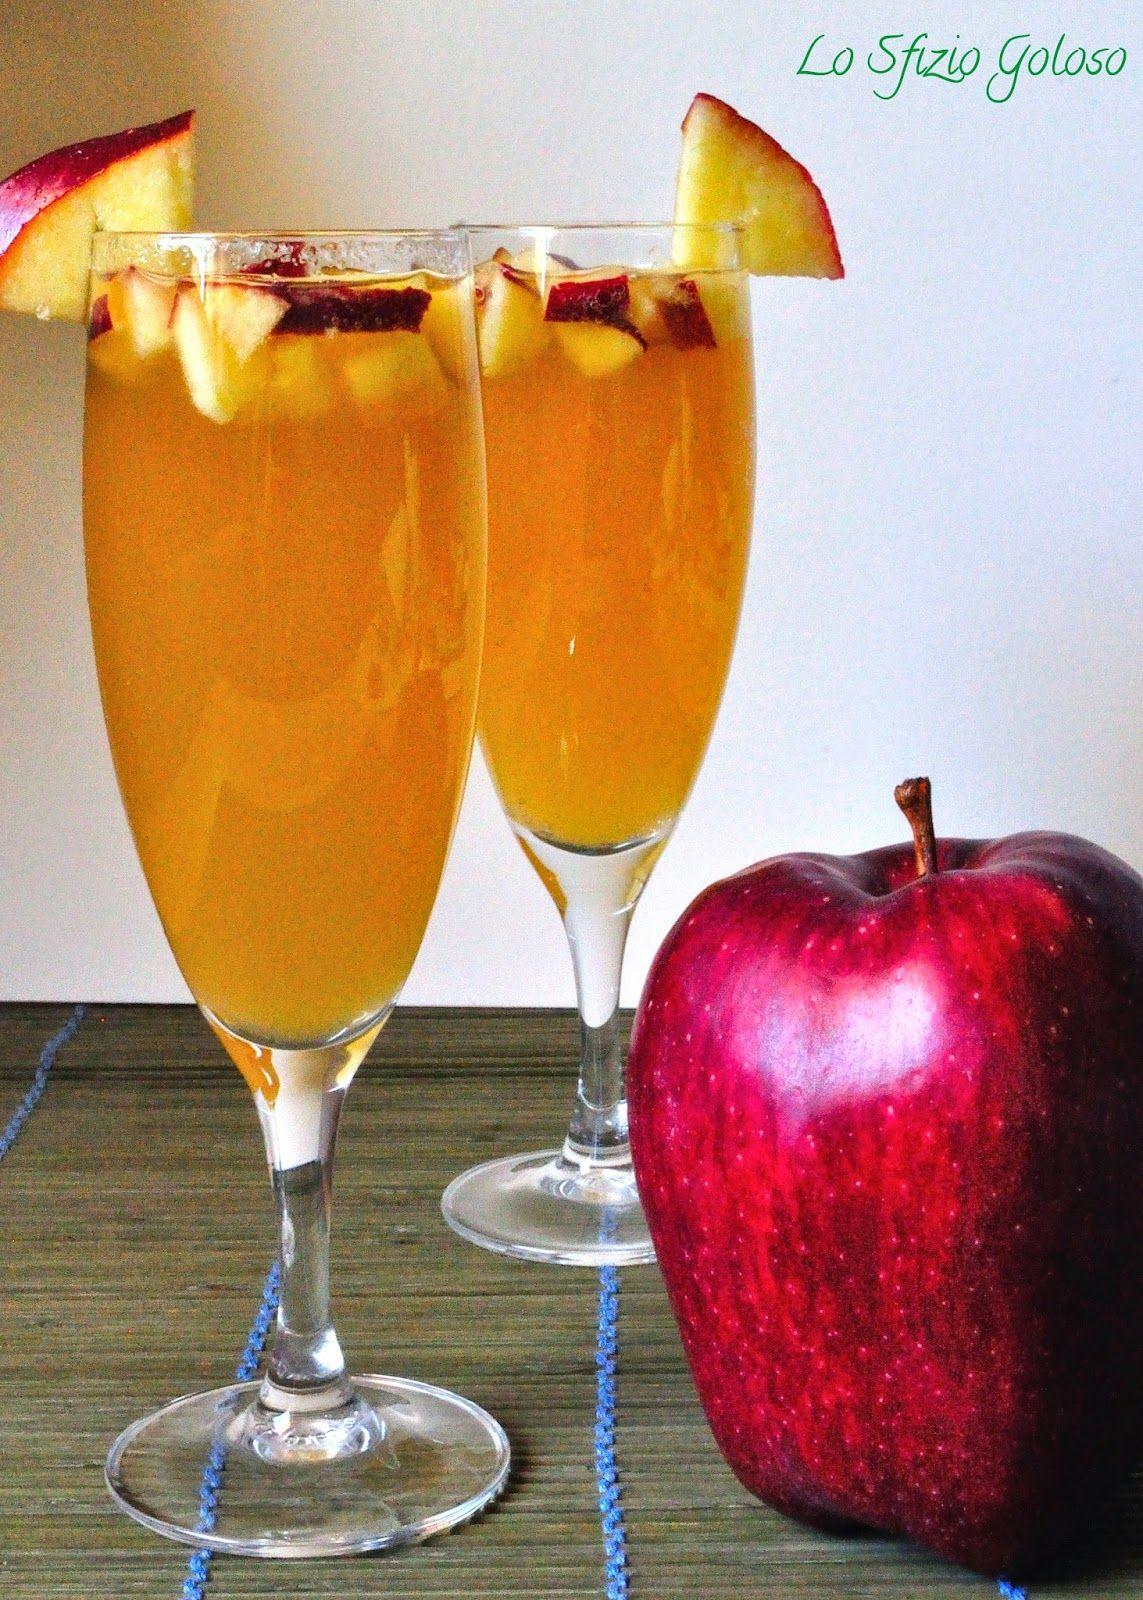 Lo Sfizio Goloso: Aperitivo al sidro di mela